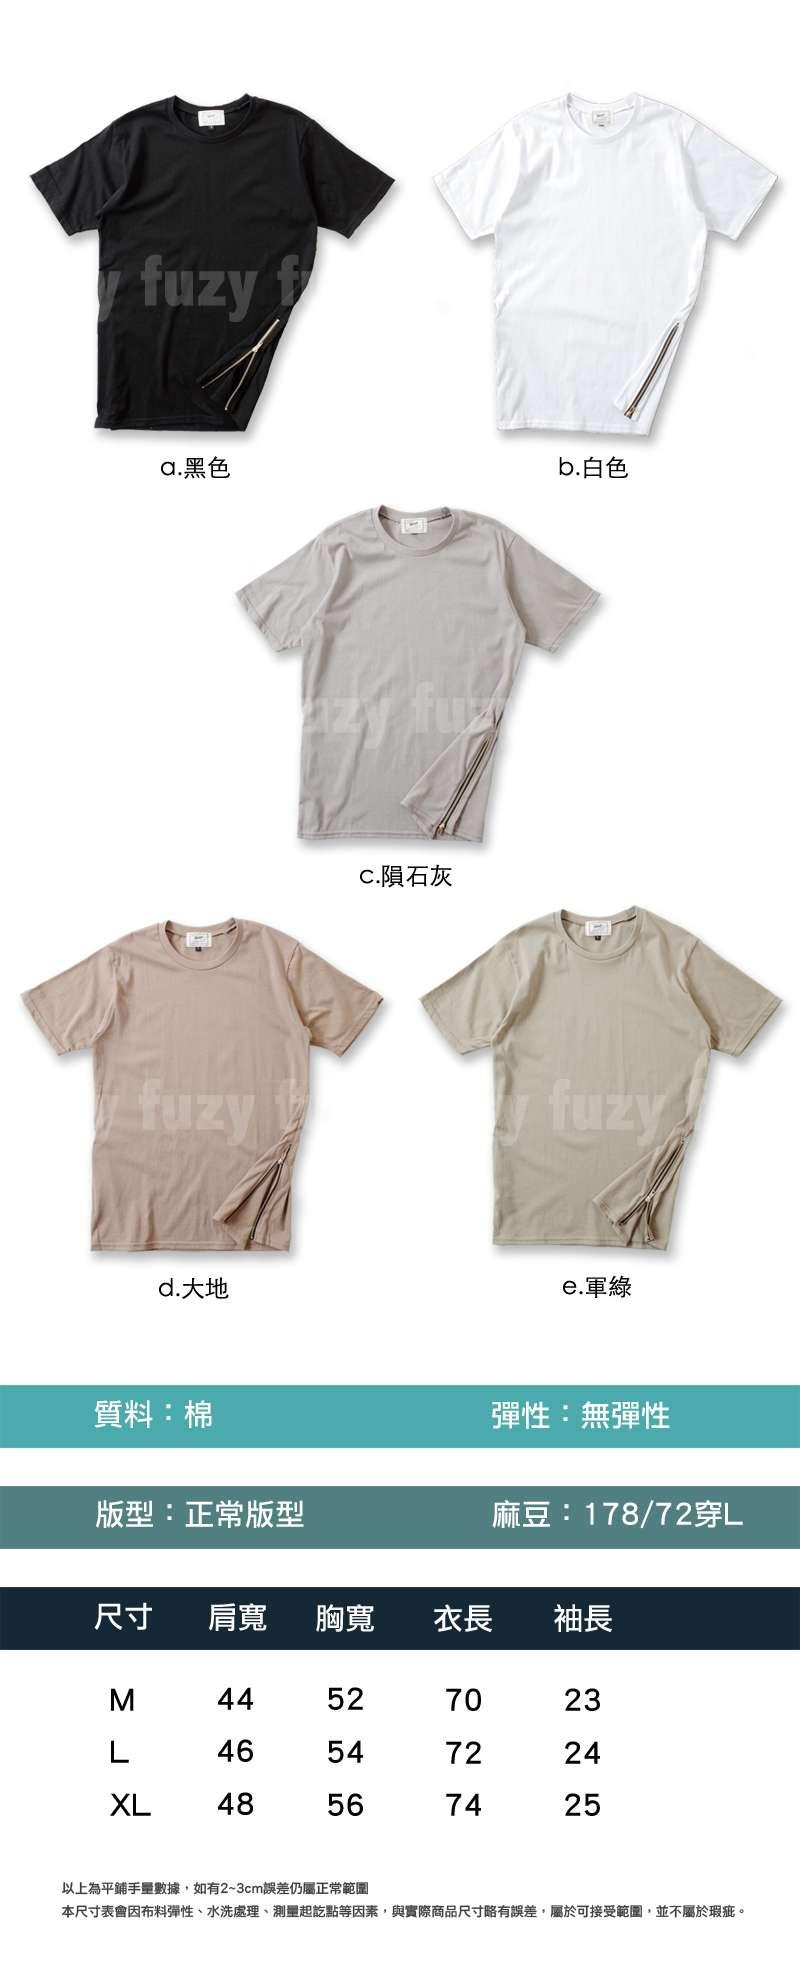 http://s7.sinaimg.cn/mw690/006ZoTFUzy7hXh2qPZQ36&690_fuzy